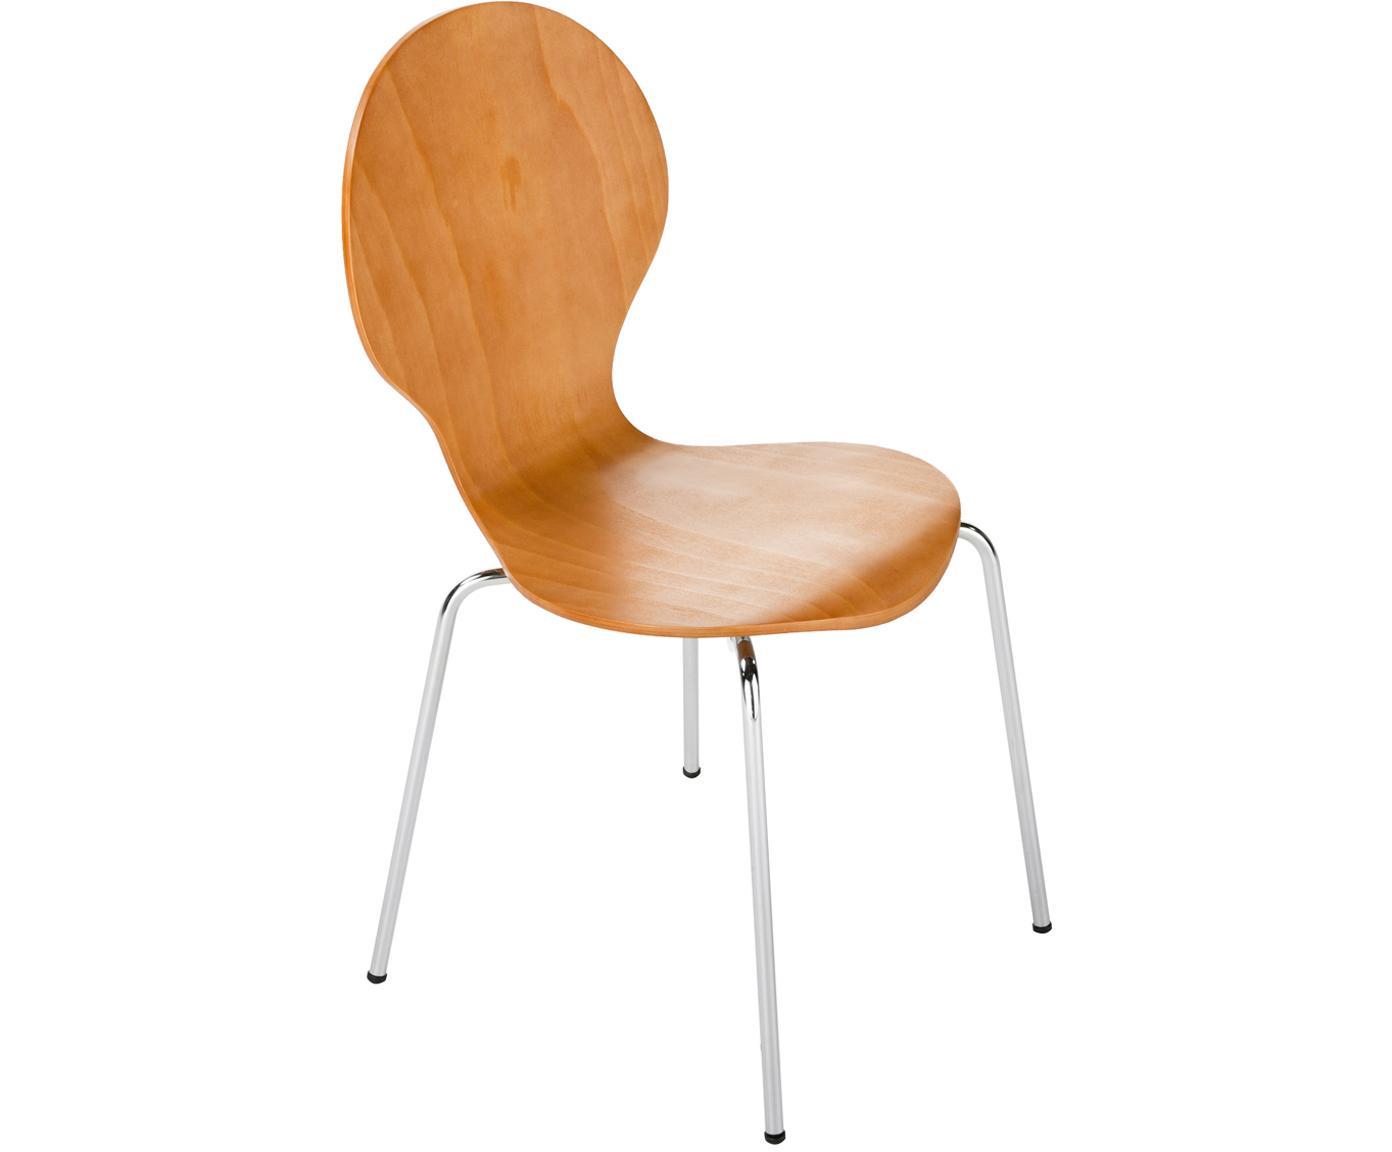 Krzesło Marcus, 4 szt., Nogi: stal chromowana, Brązowy, S 49 x W 87 cm